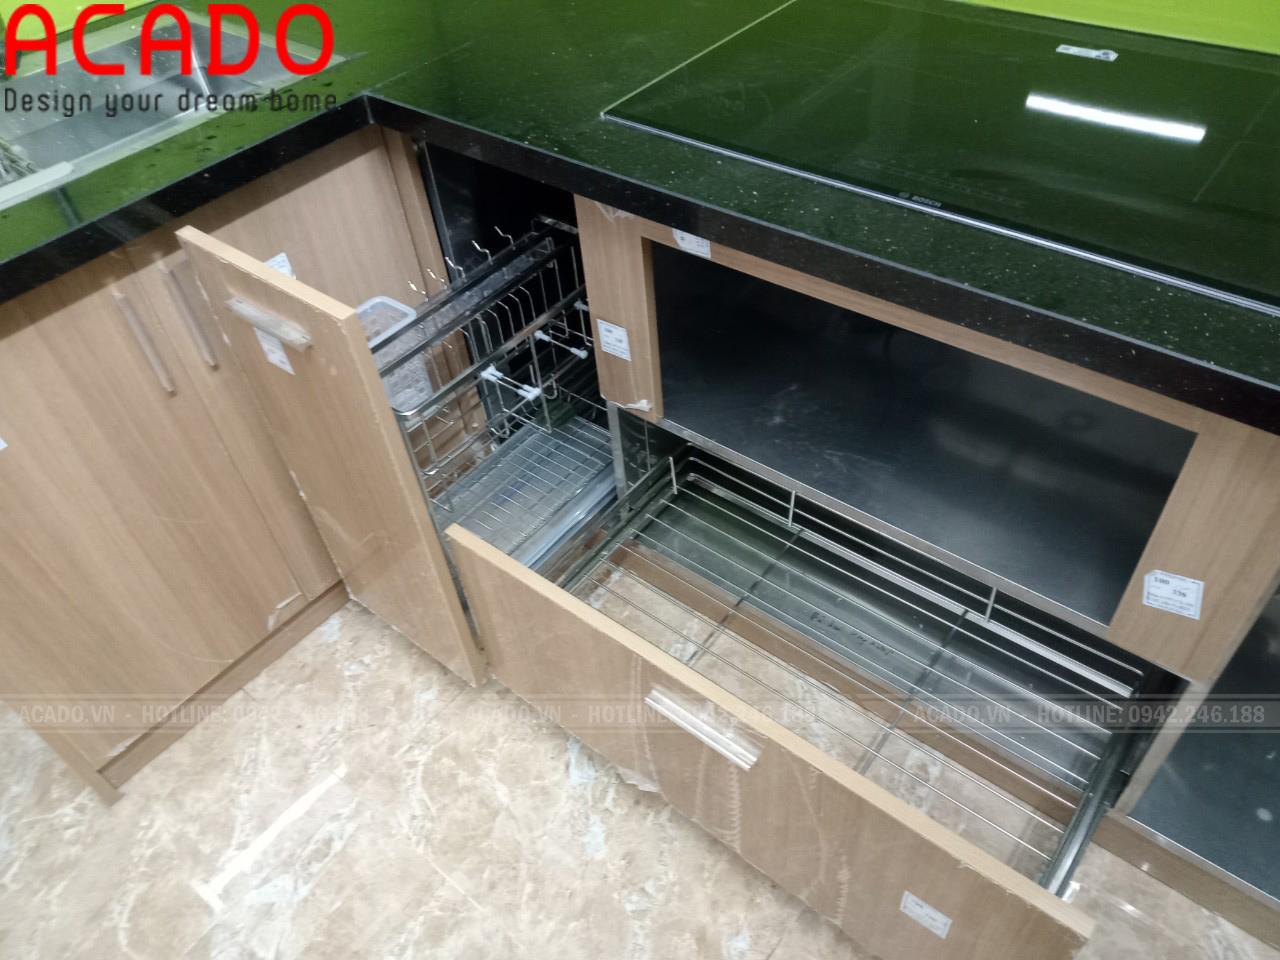 Tủ bếp thùng Inox chắc chắn, chống nước tuyệt đối - Nội thất ACADO